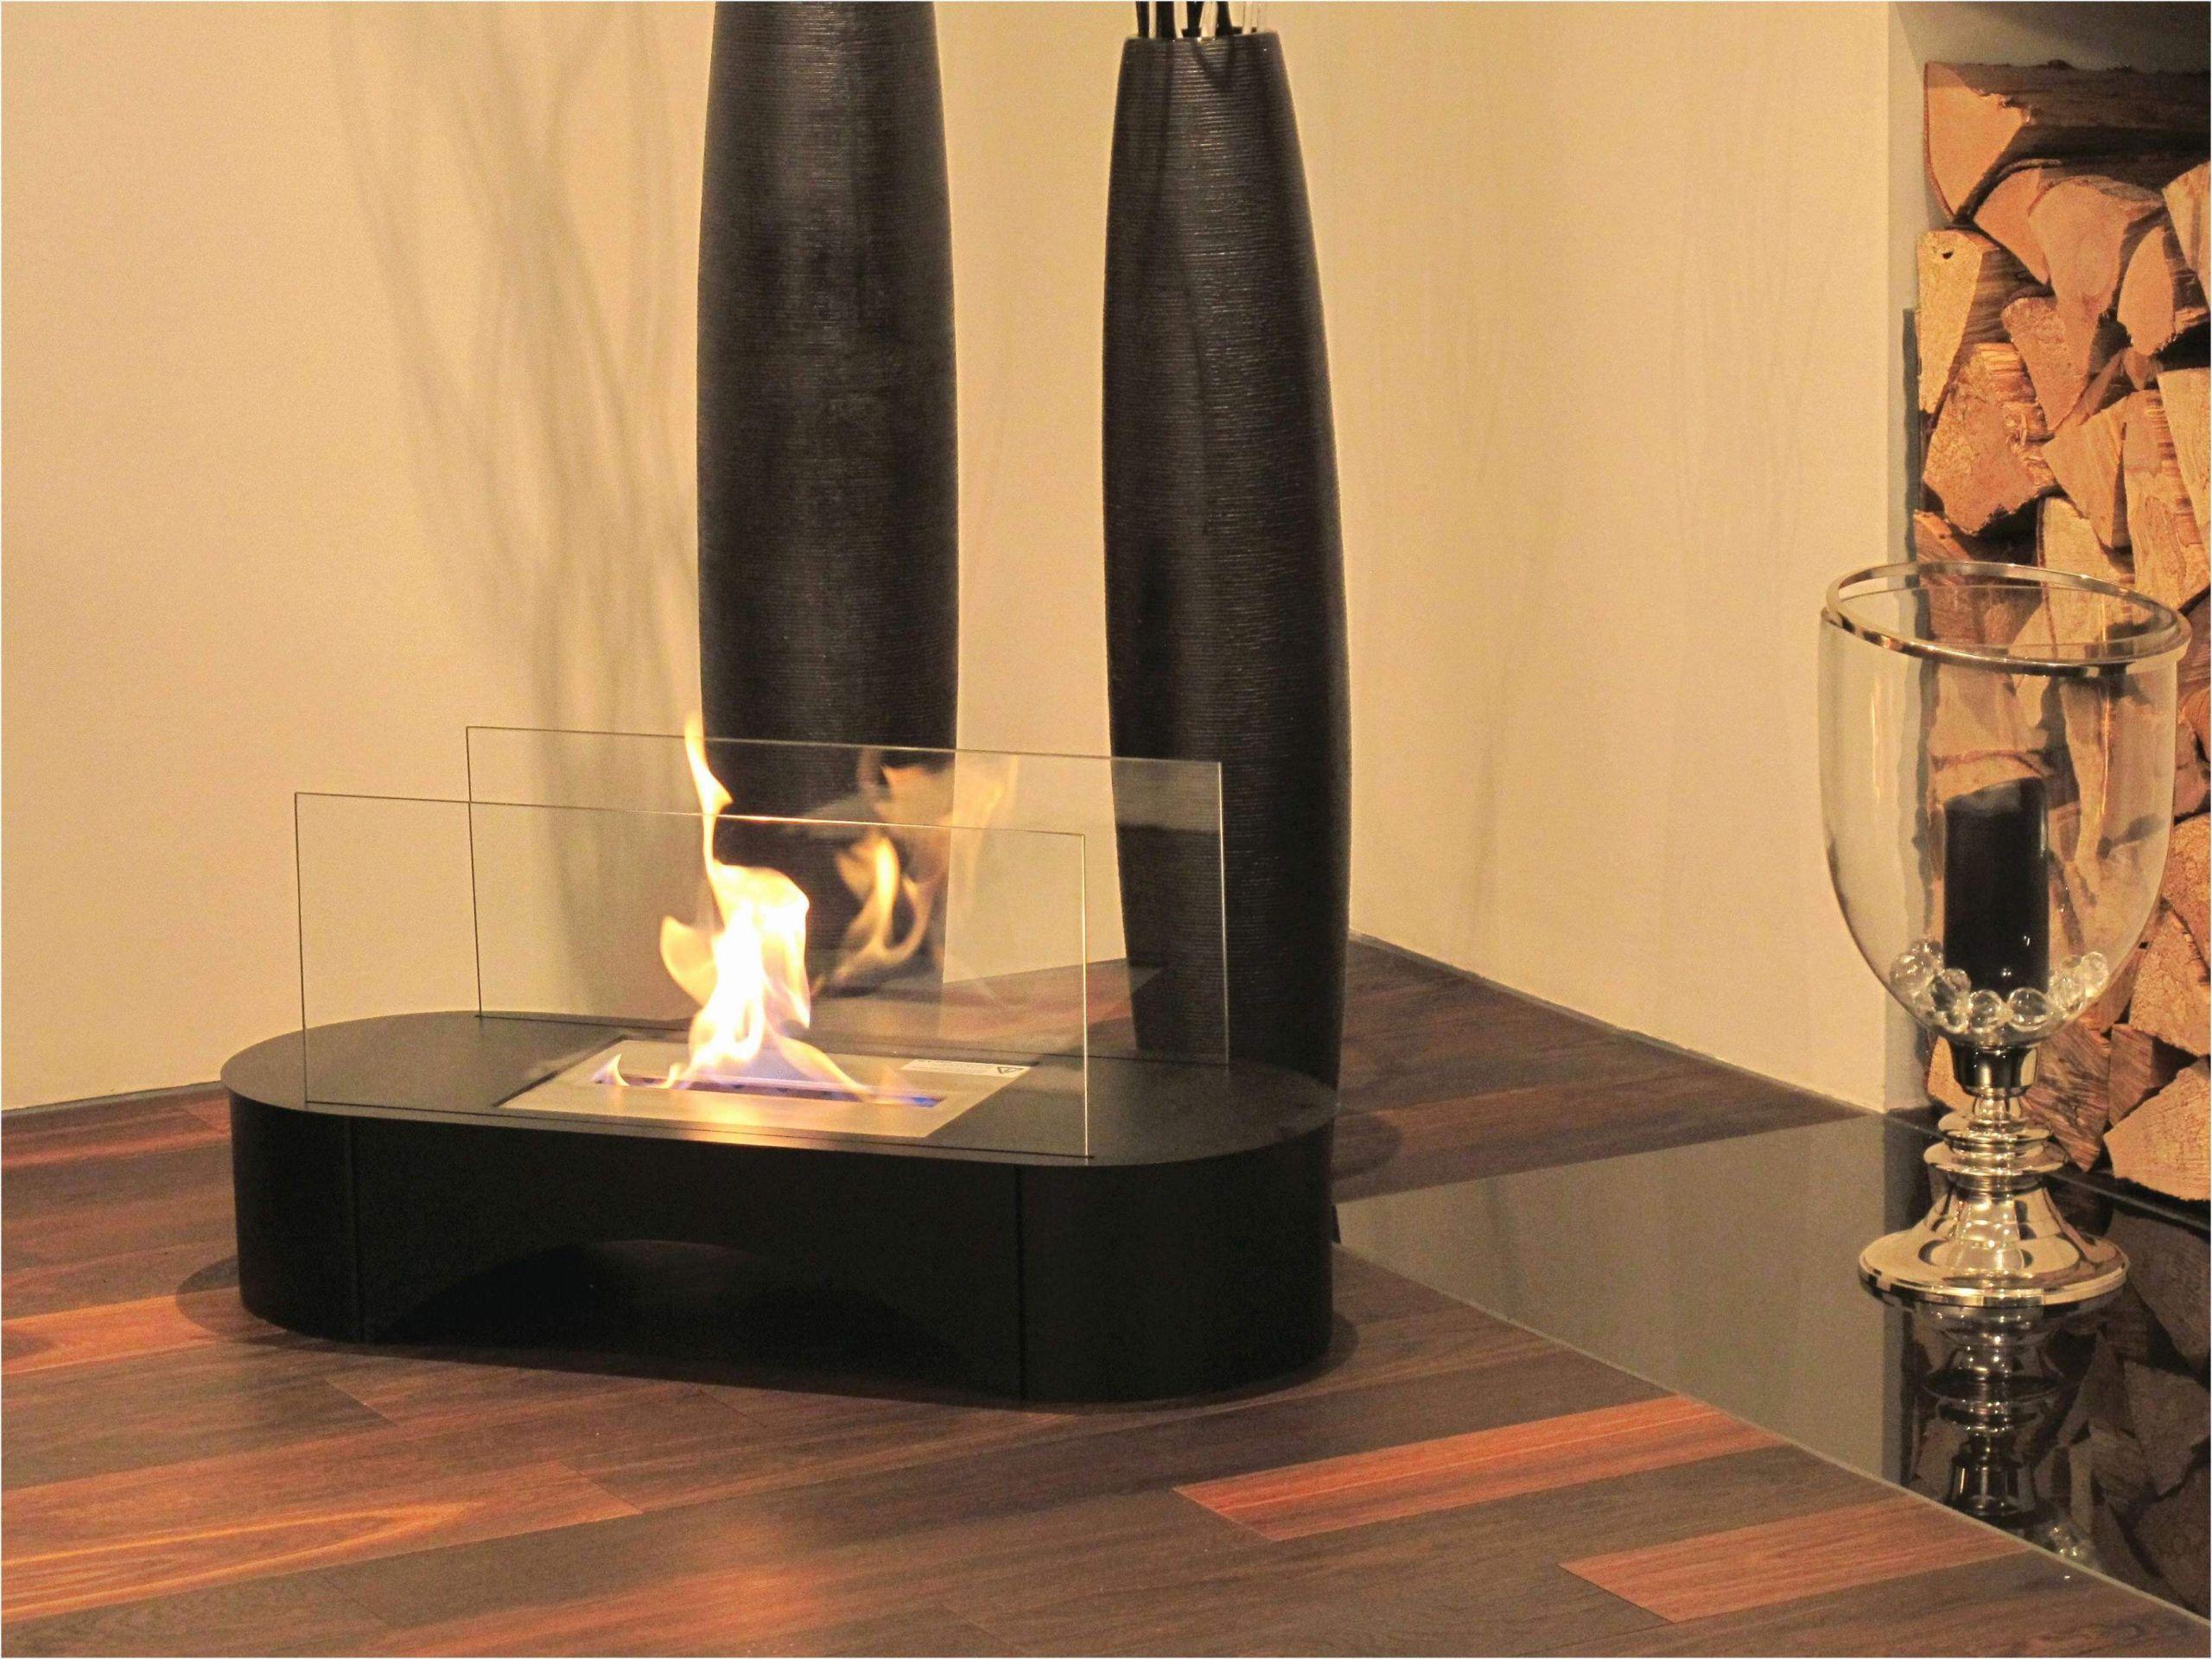 feuerstelle im garten ideen schone garten mit teich deko garten 0d feuerstelle im garten feuerstelle im garten 1